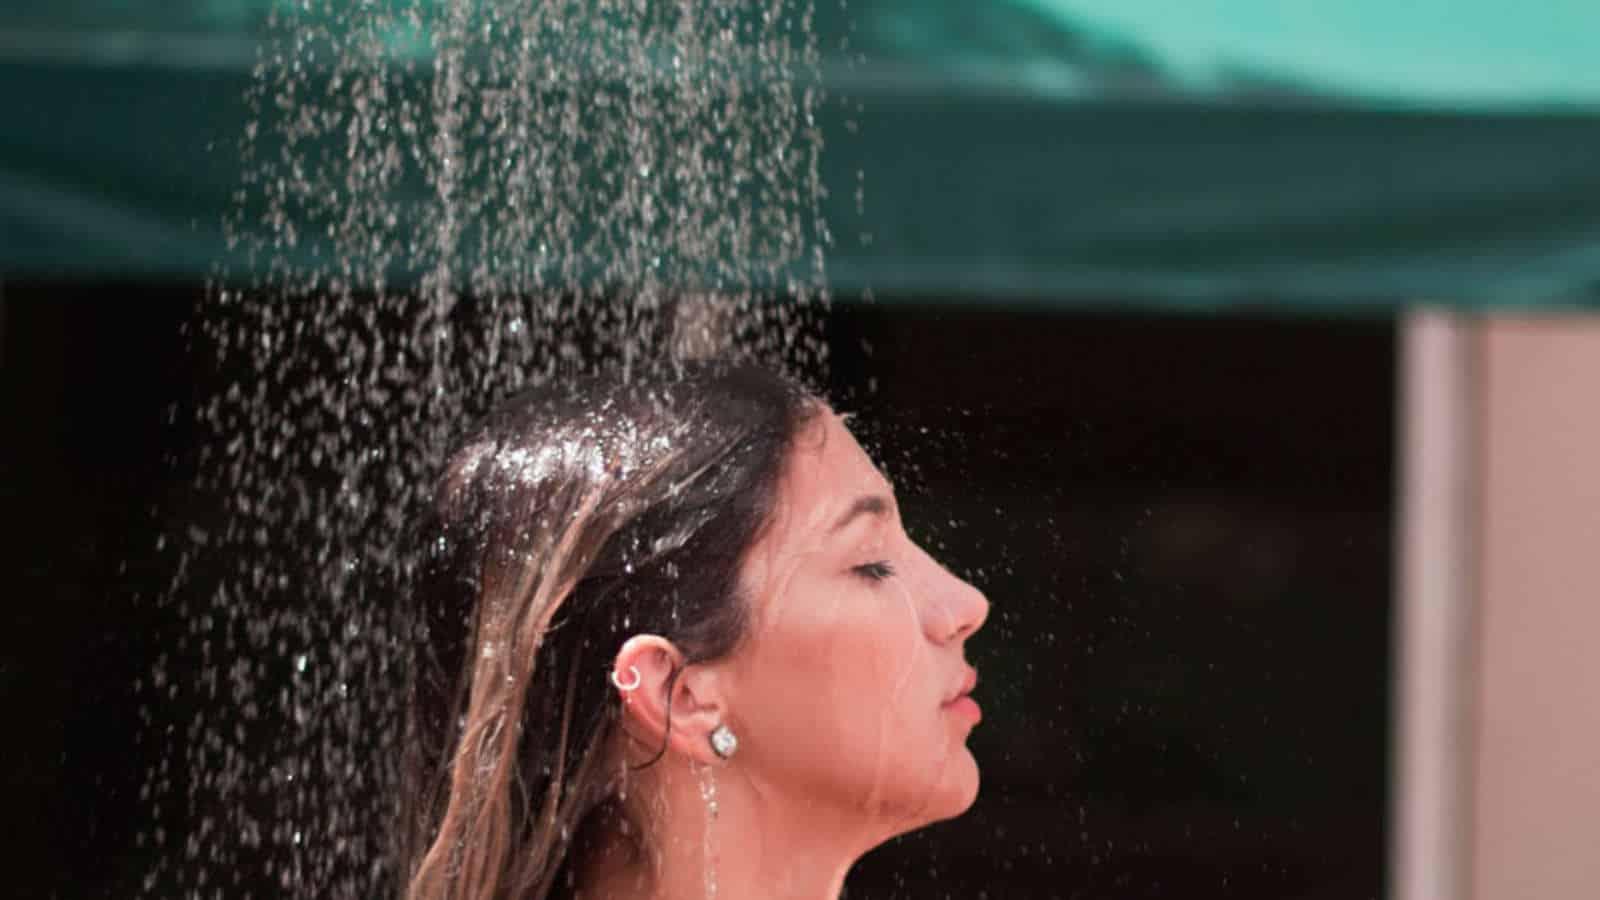 Kalt duschen- Vorteile einer kalten Dusche für deine Gesundheit